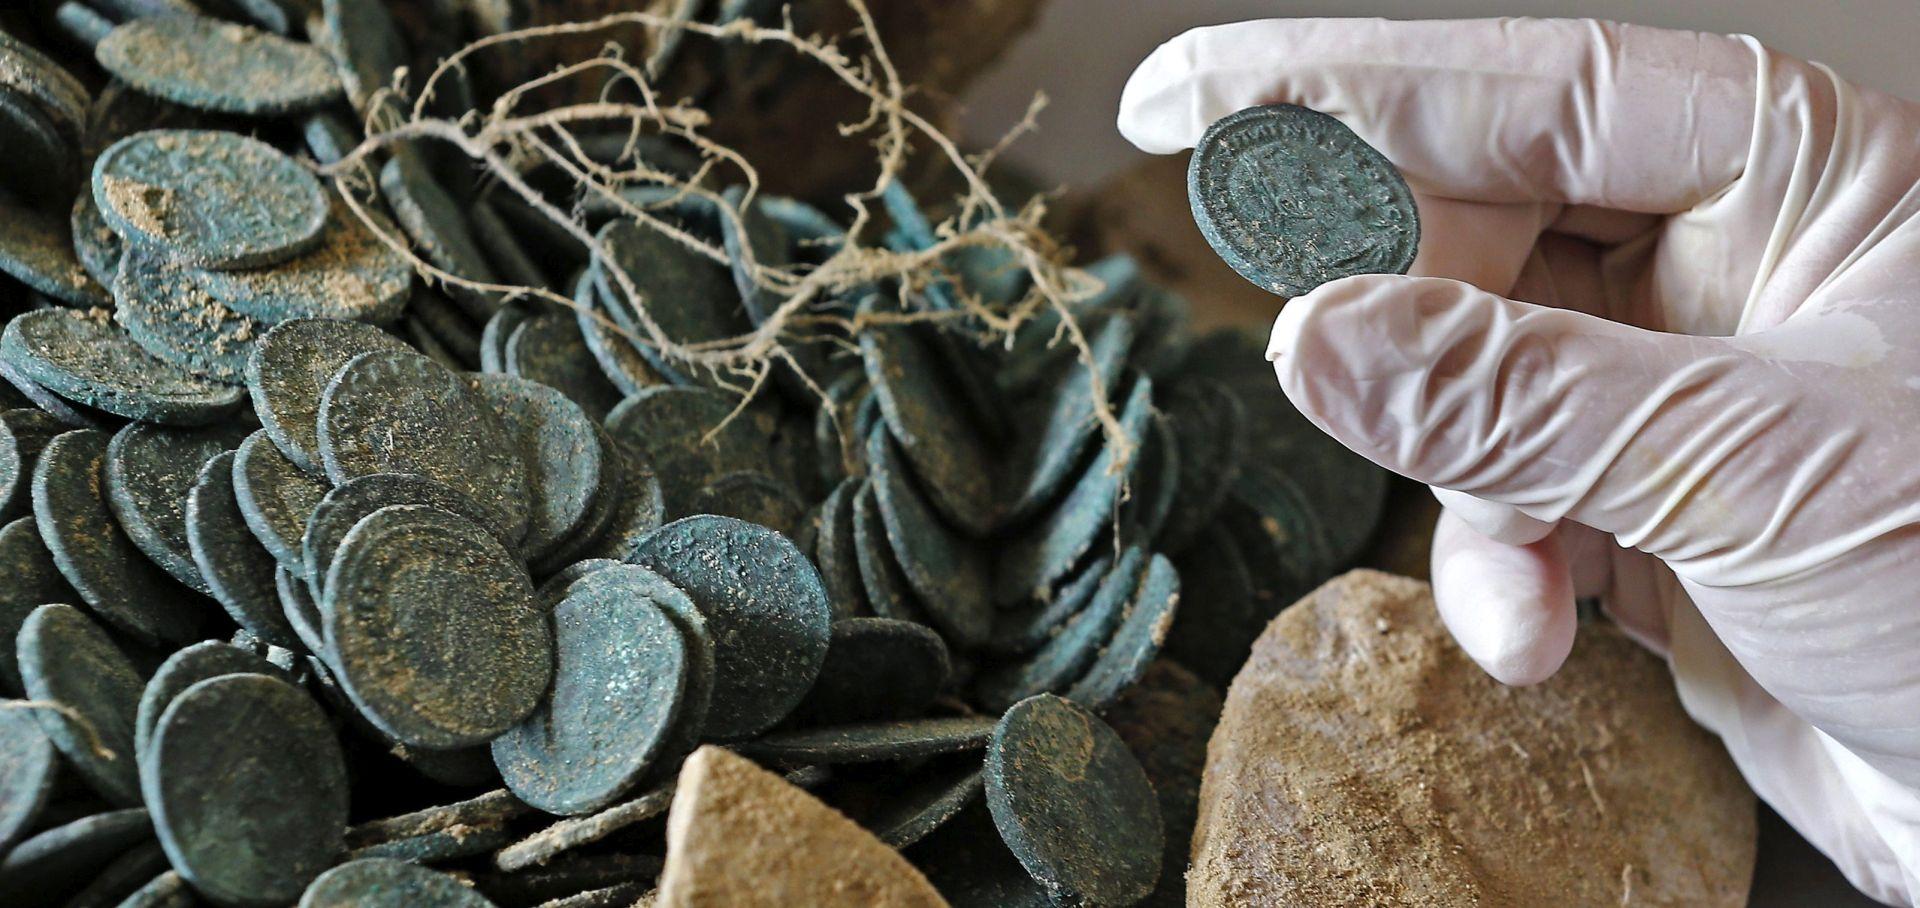 Španjolska: Otkriveno 600 kilograma rimskih kovanica